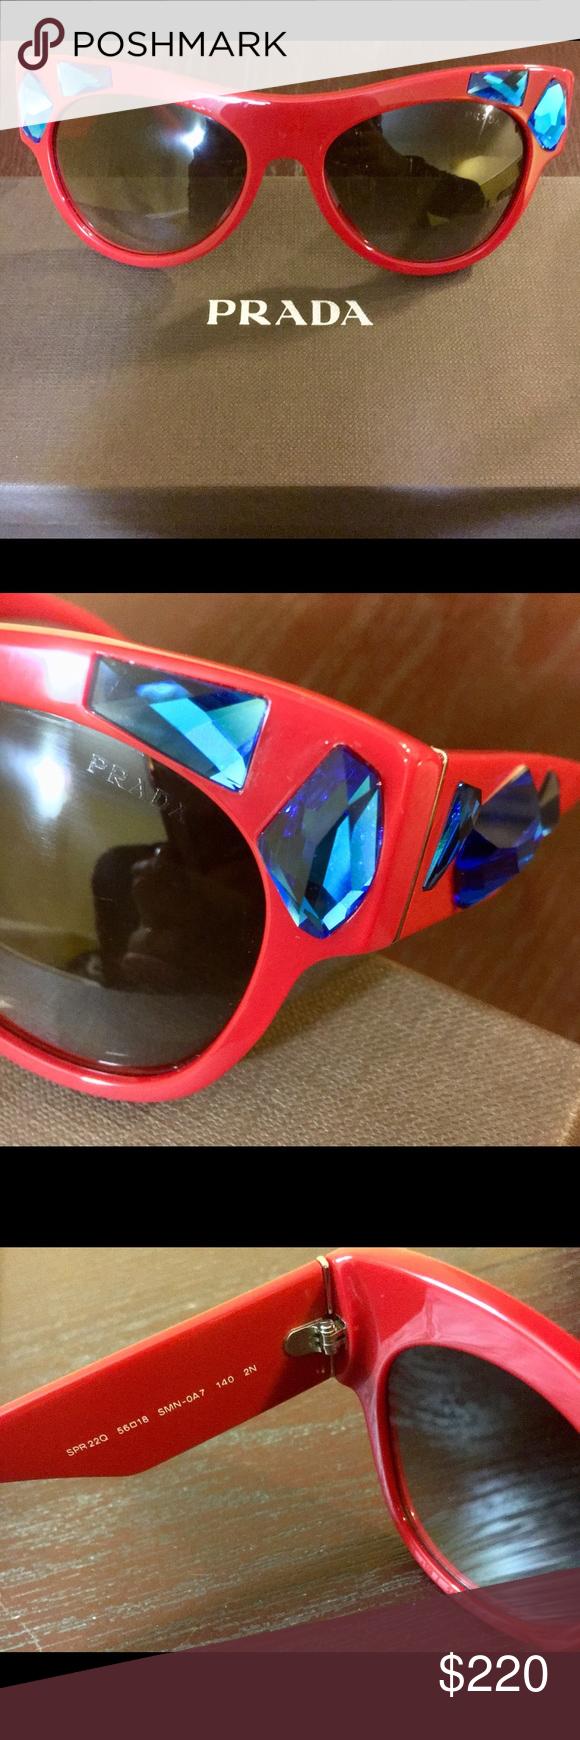 15848f69f7c ... uk new red prada cat eye sunglasses new authentic prada sunglasses women  cat eye spr 22q